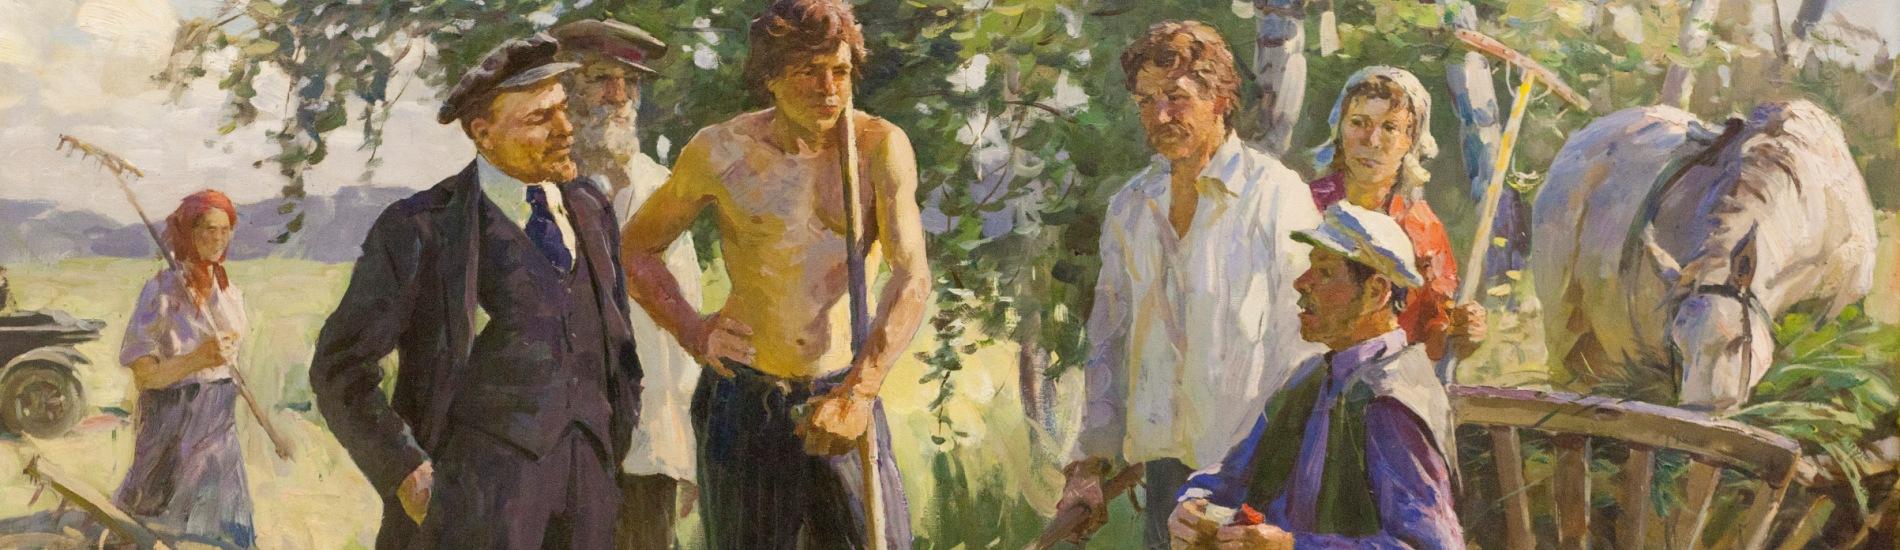 Член союза художников татьяна владимировна крапивина картины